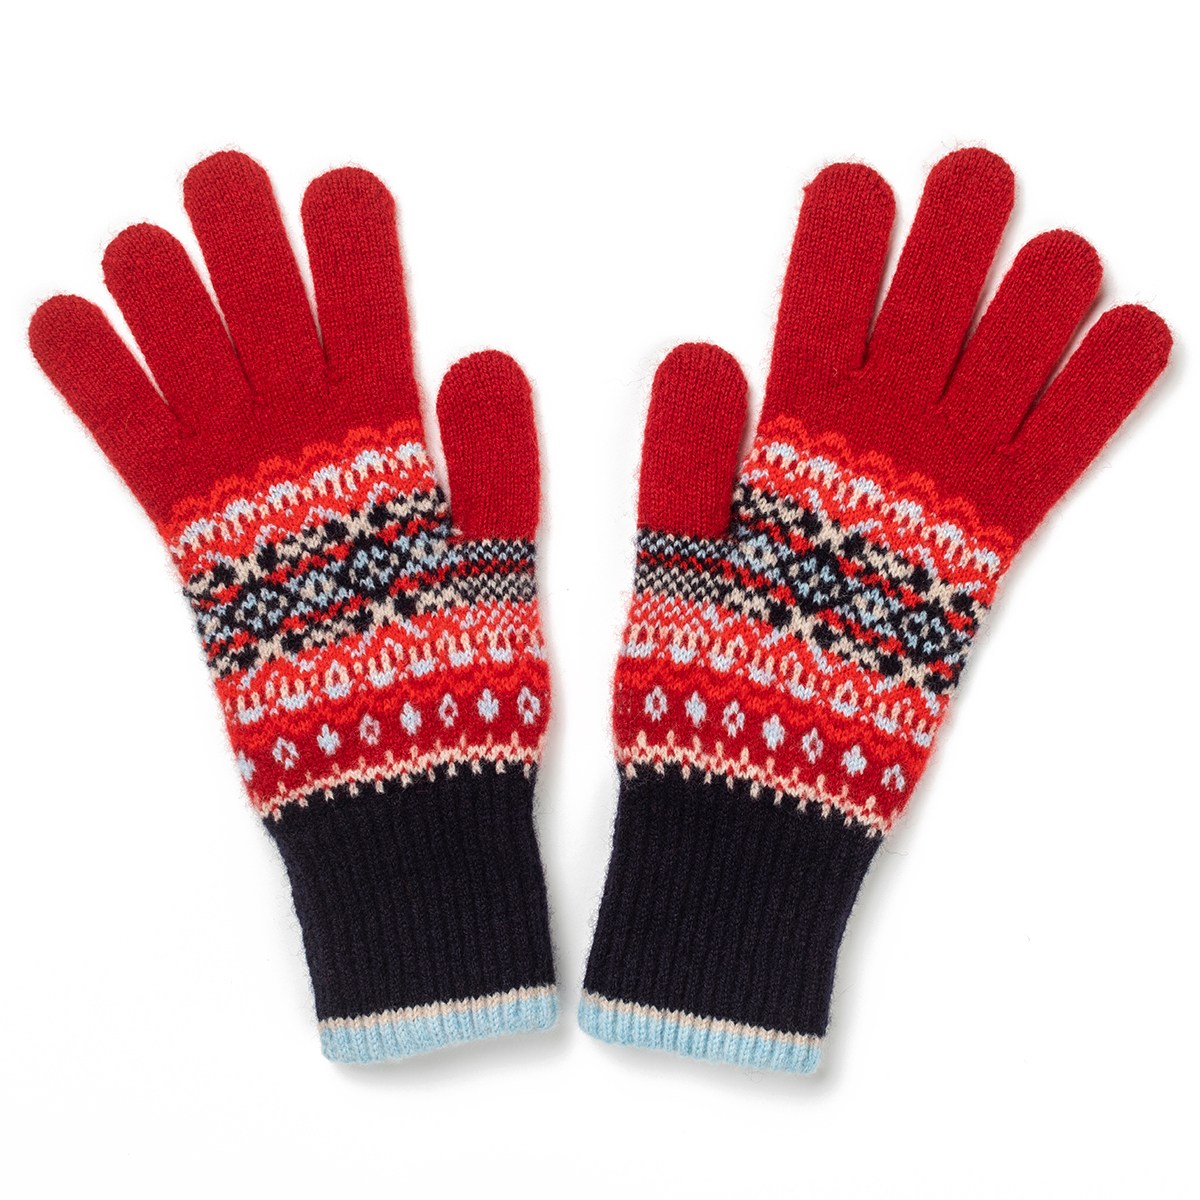 Alloa blue poppy gloves